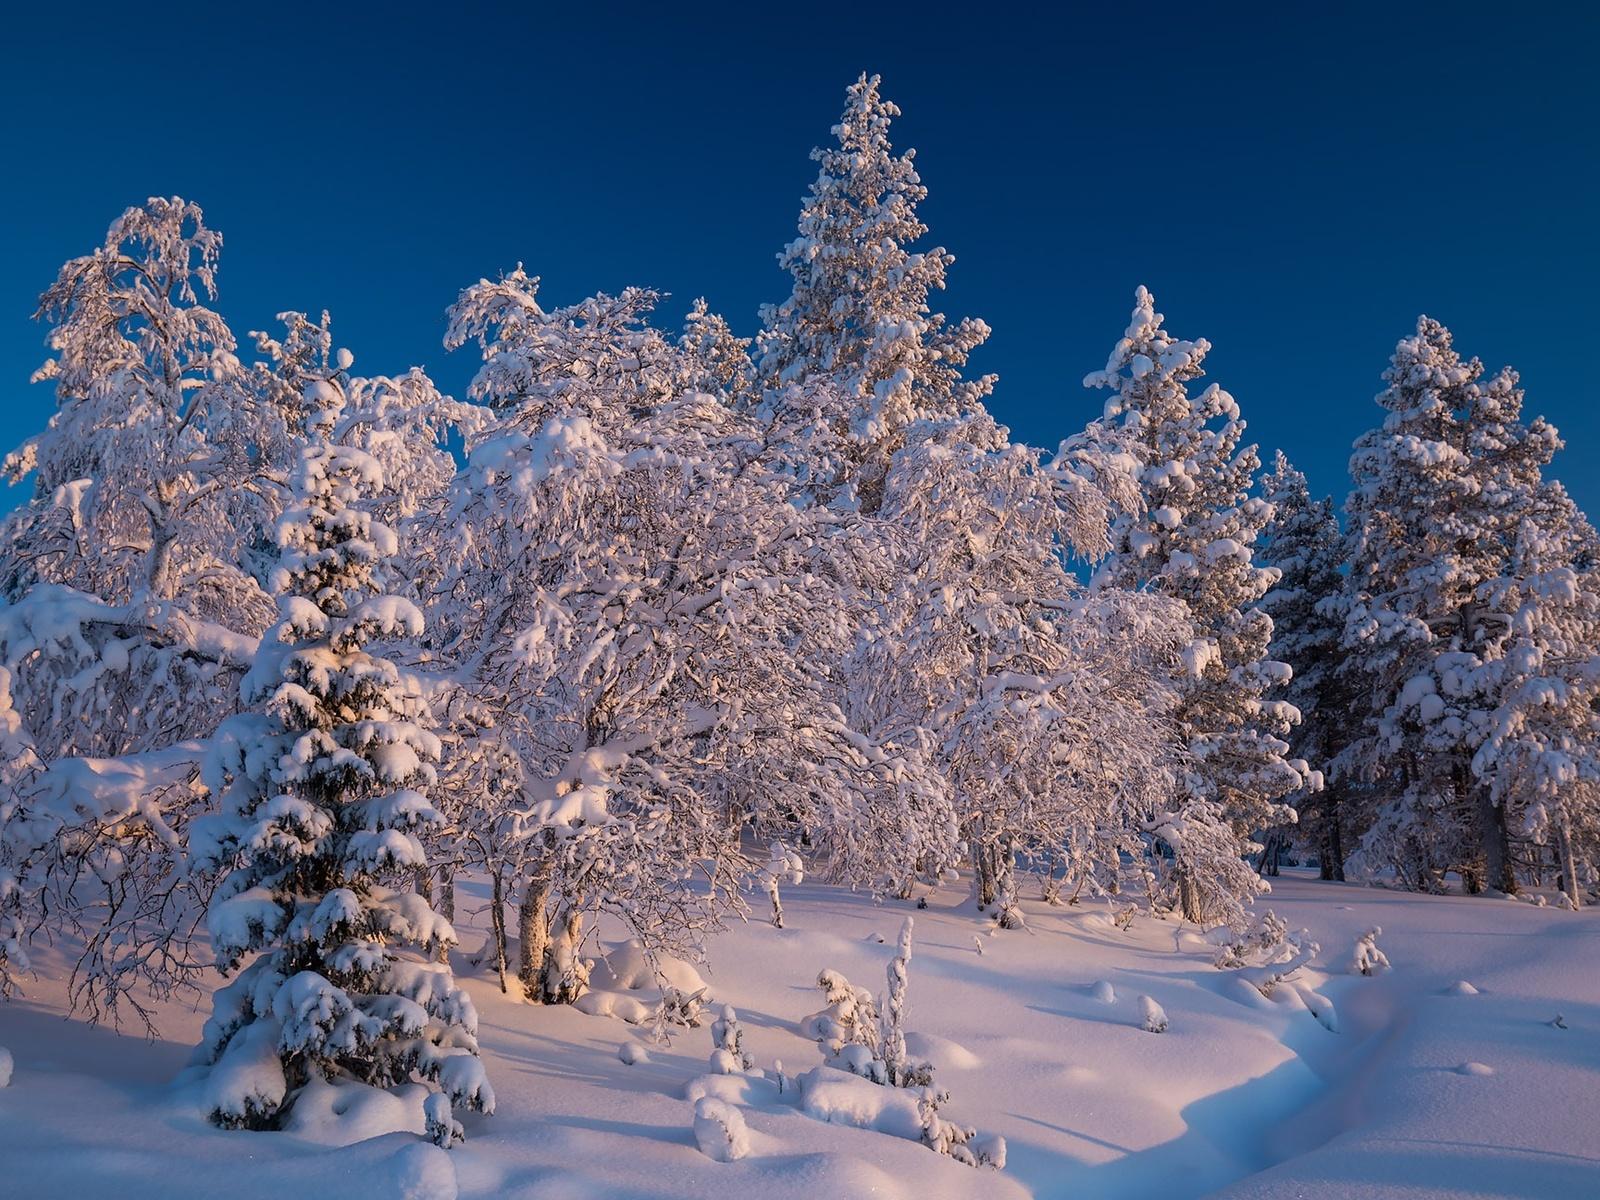 природа, пейзаж, зима, снег, деревья, ели, сугробы, финляндия, лапландия